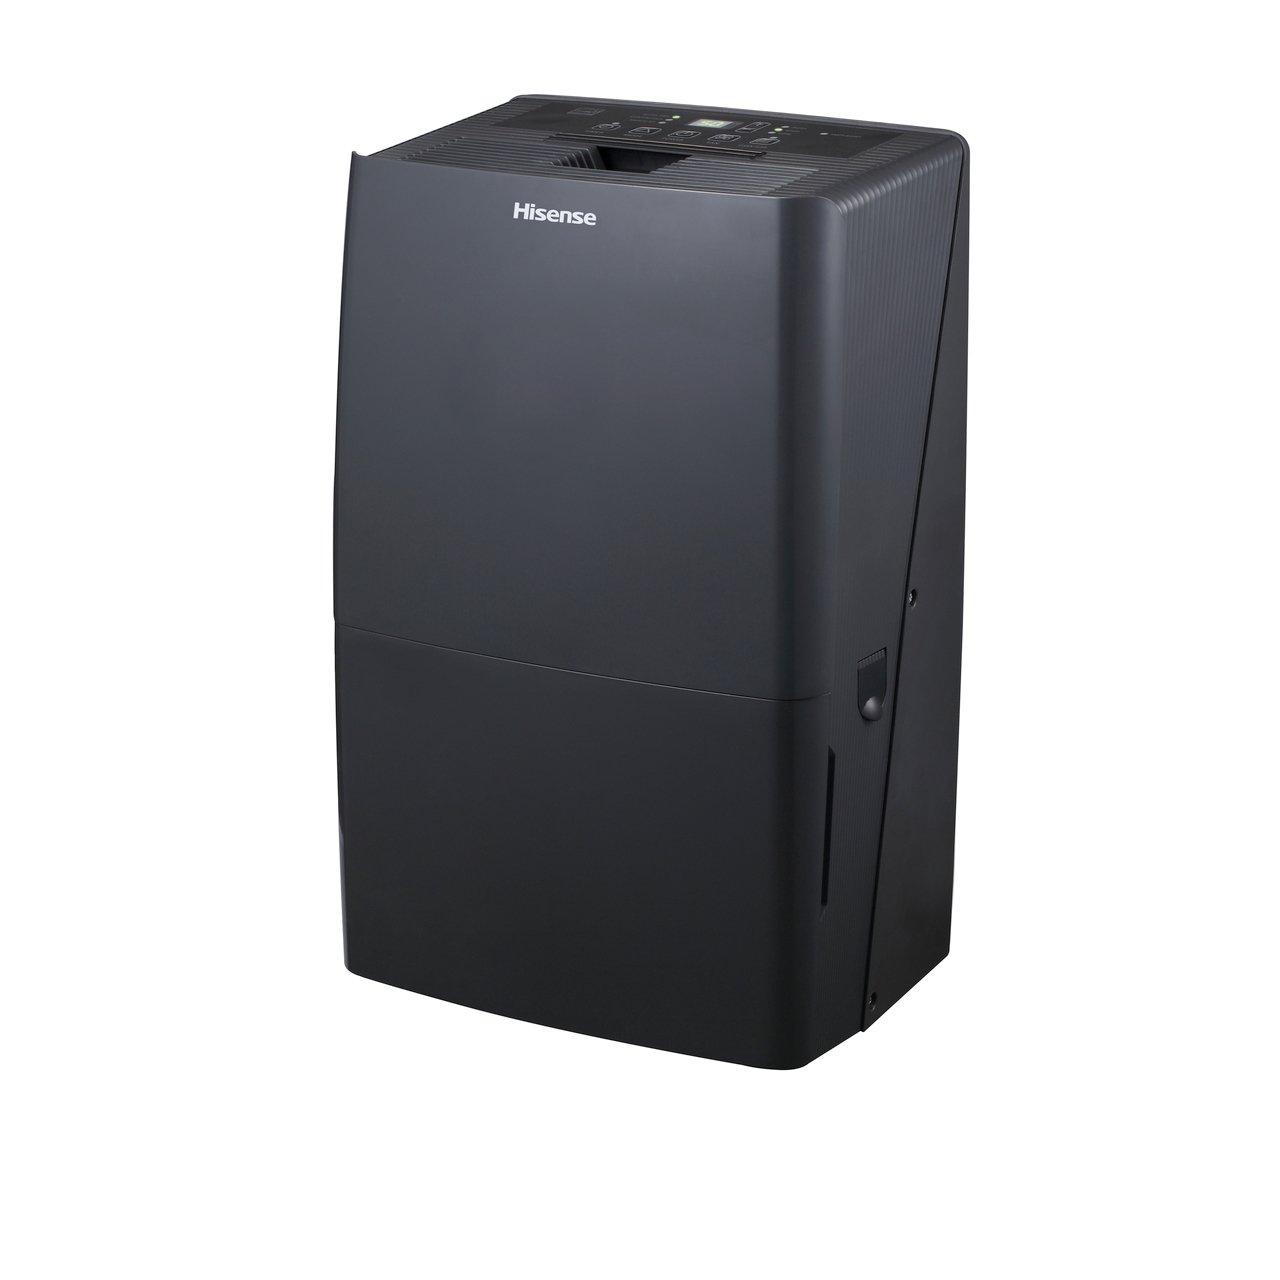 Hisense 70 pint 2-speed Dehumidifier (DH70K1G)